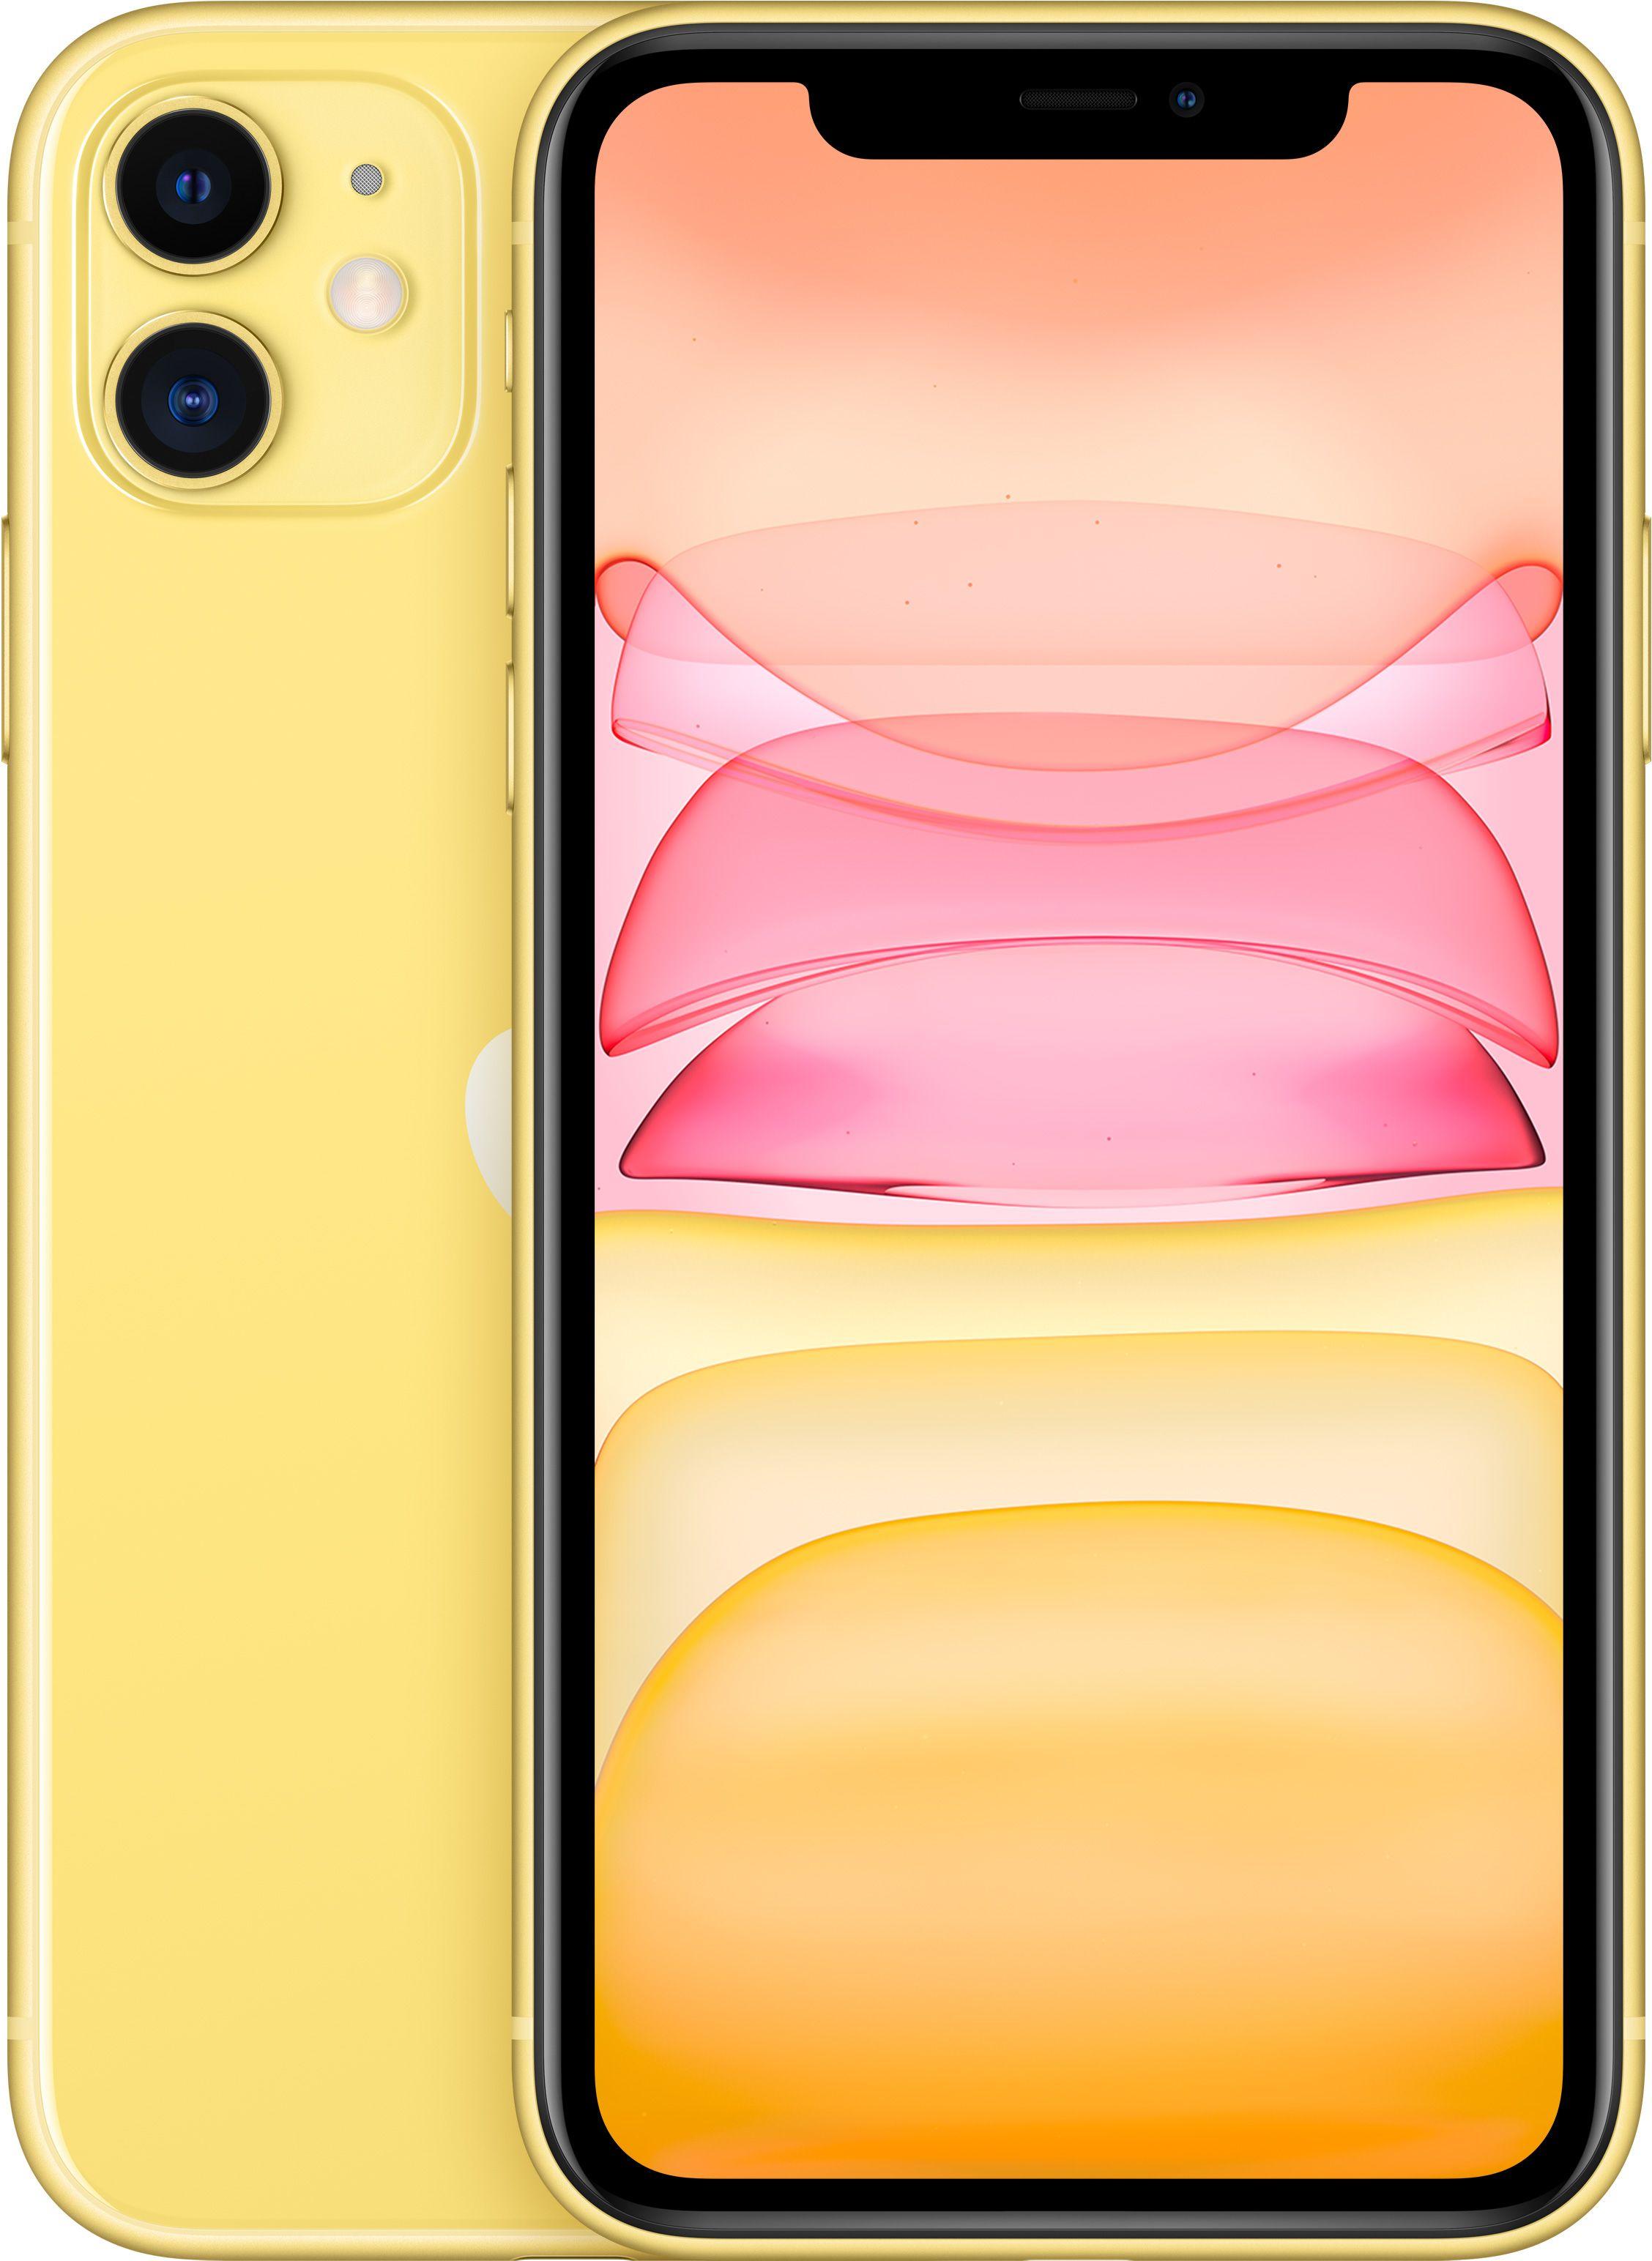 Мобильный телефон Apple iPhone 11 64GB (желтый) фото